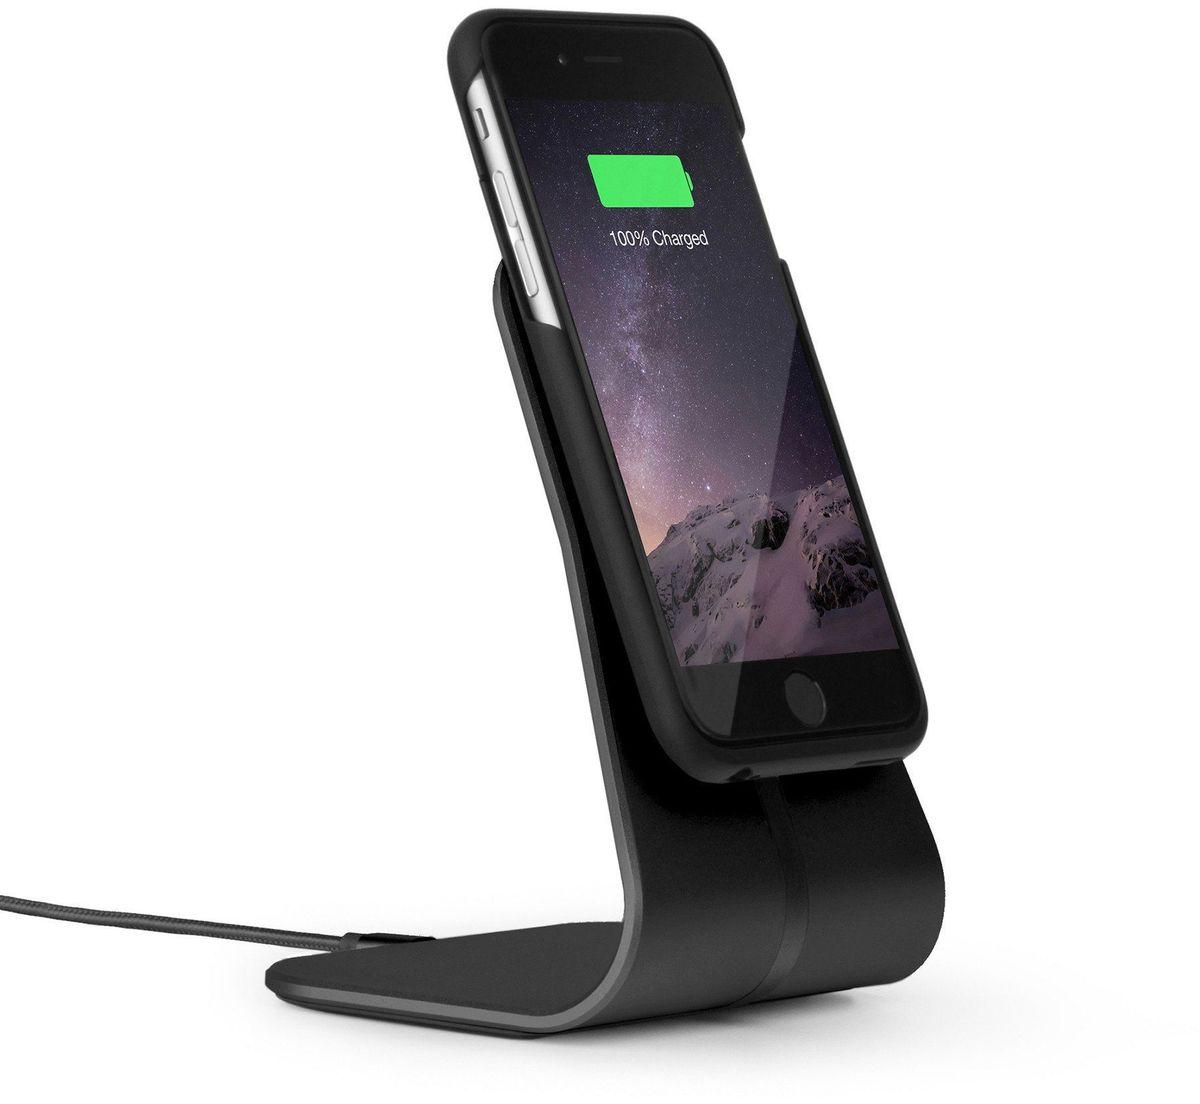 Xvida Charging Office Kit, Black беспроводное зарядное устройство для iPhone 7 (WOKAS-01B-EU) - Зарядные устройства